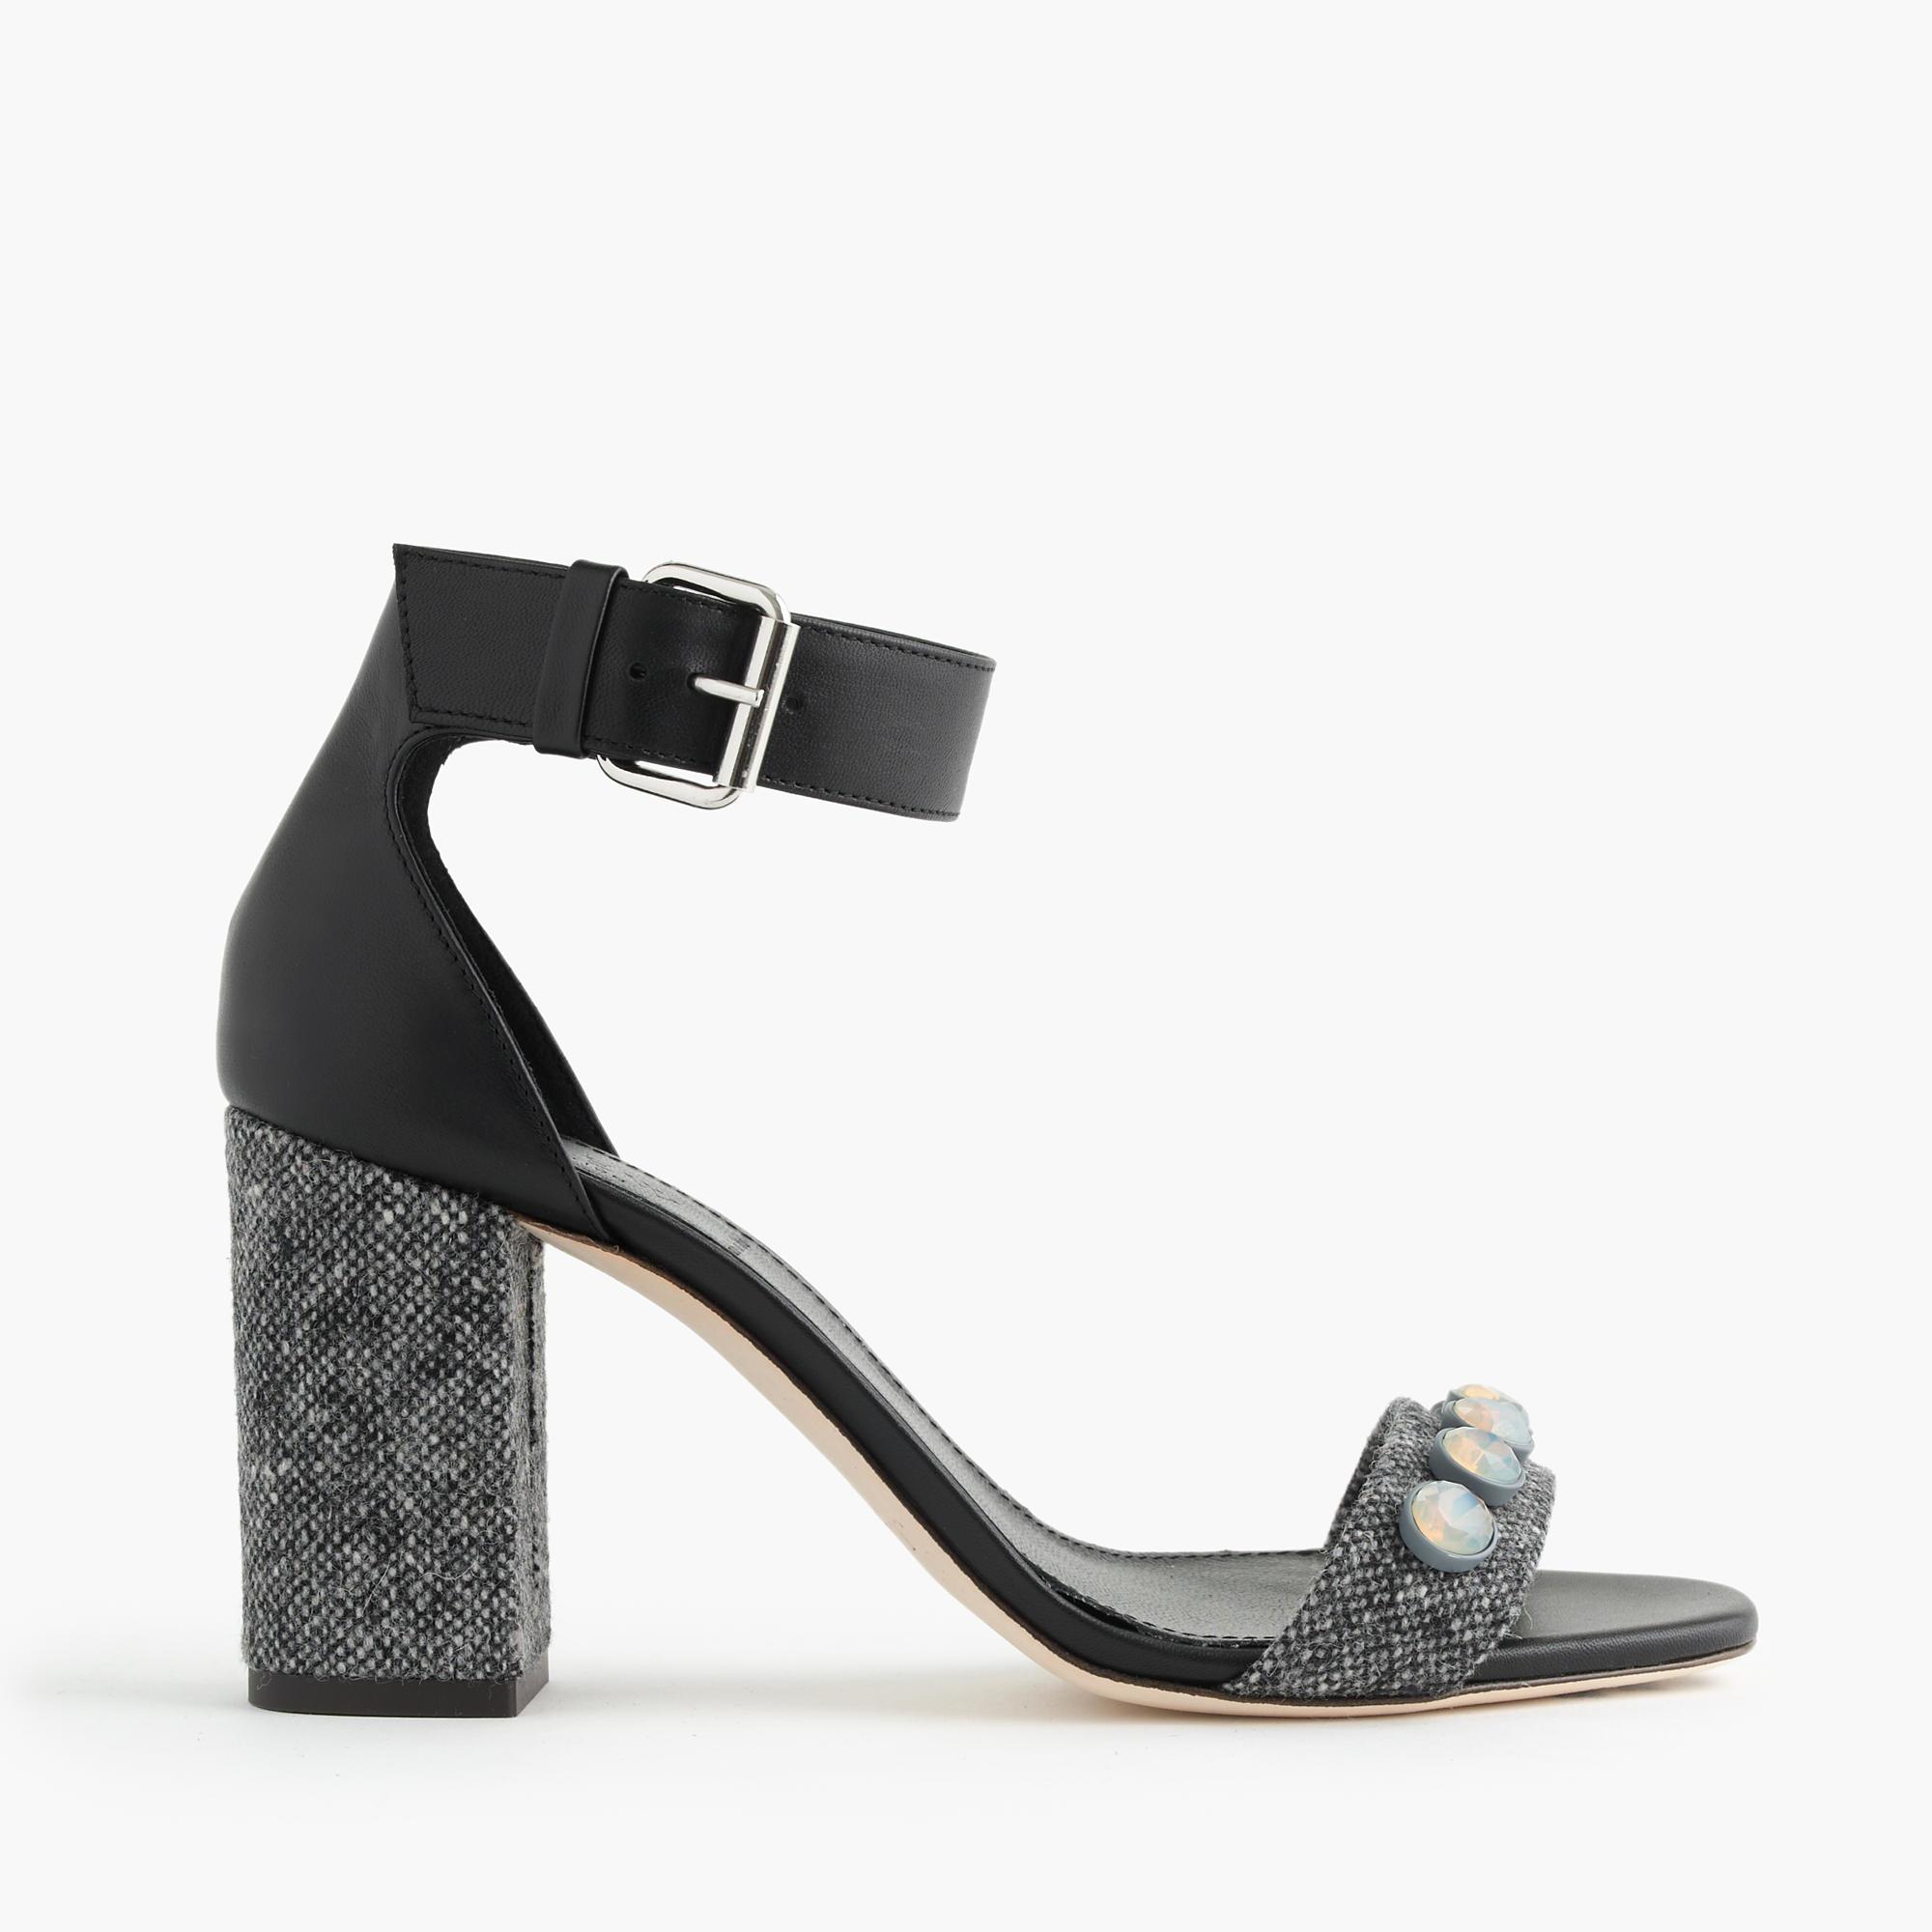 Strappy Black High Heel Sandals